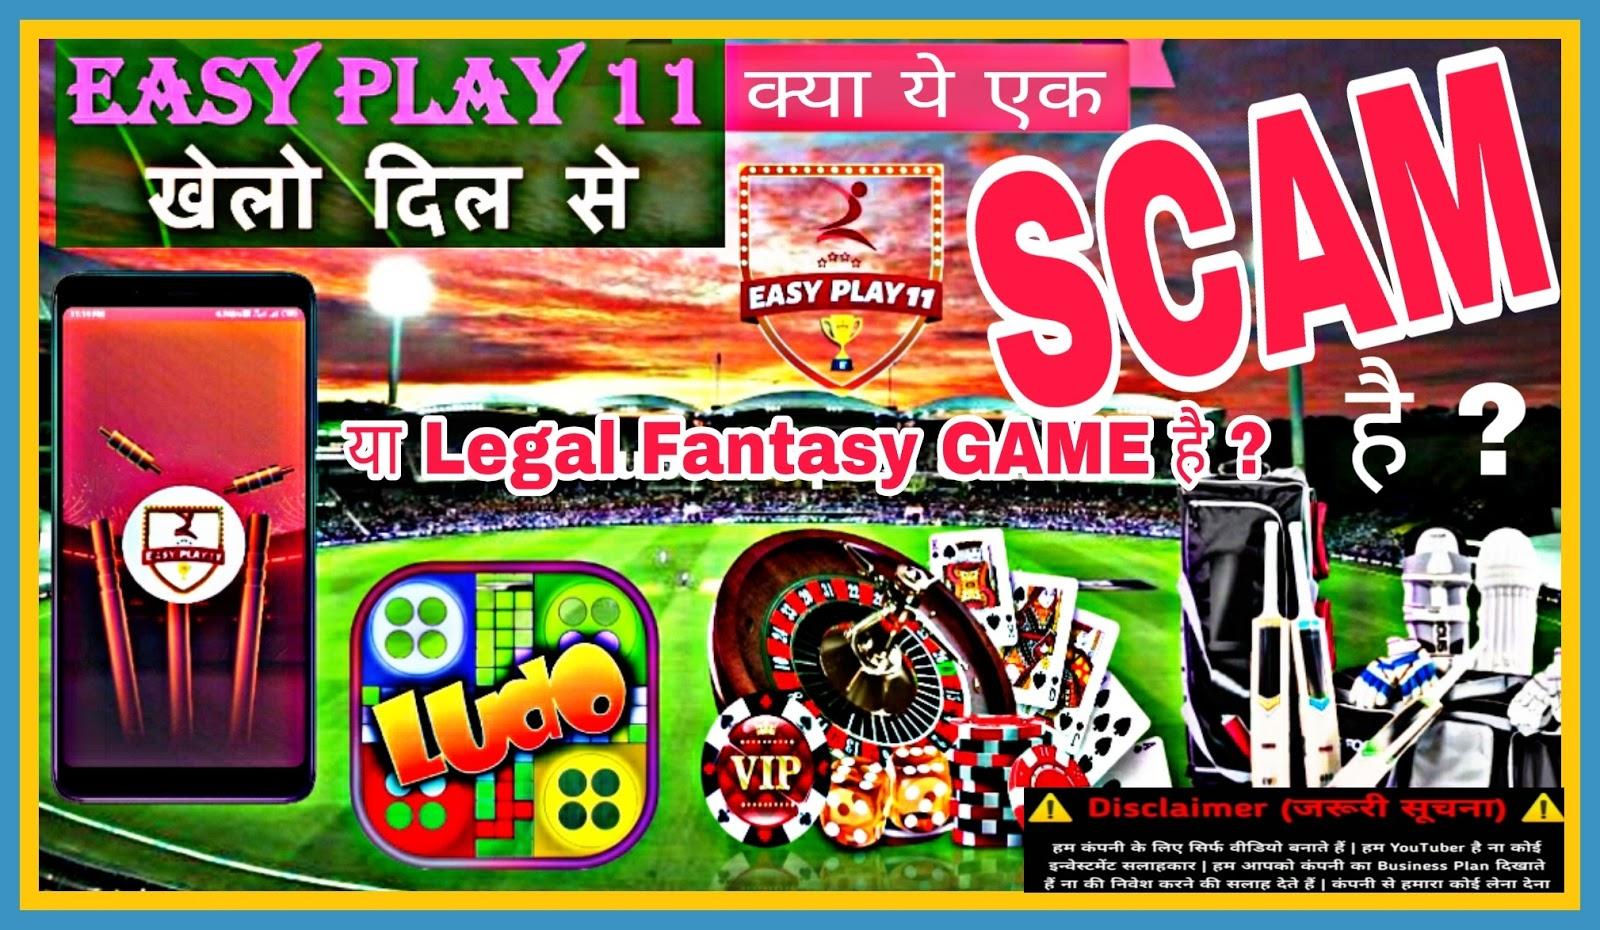 Easy Play 11 Plan Review Mobile से Fantasy गेम खेले ओर घर बैठे मोबाइल App से पैसे कमाए?